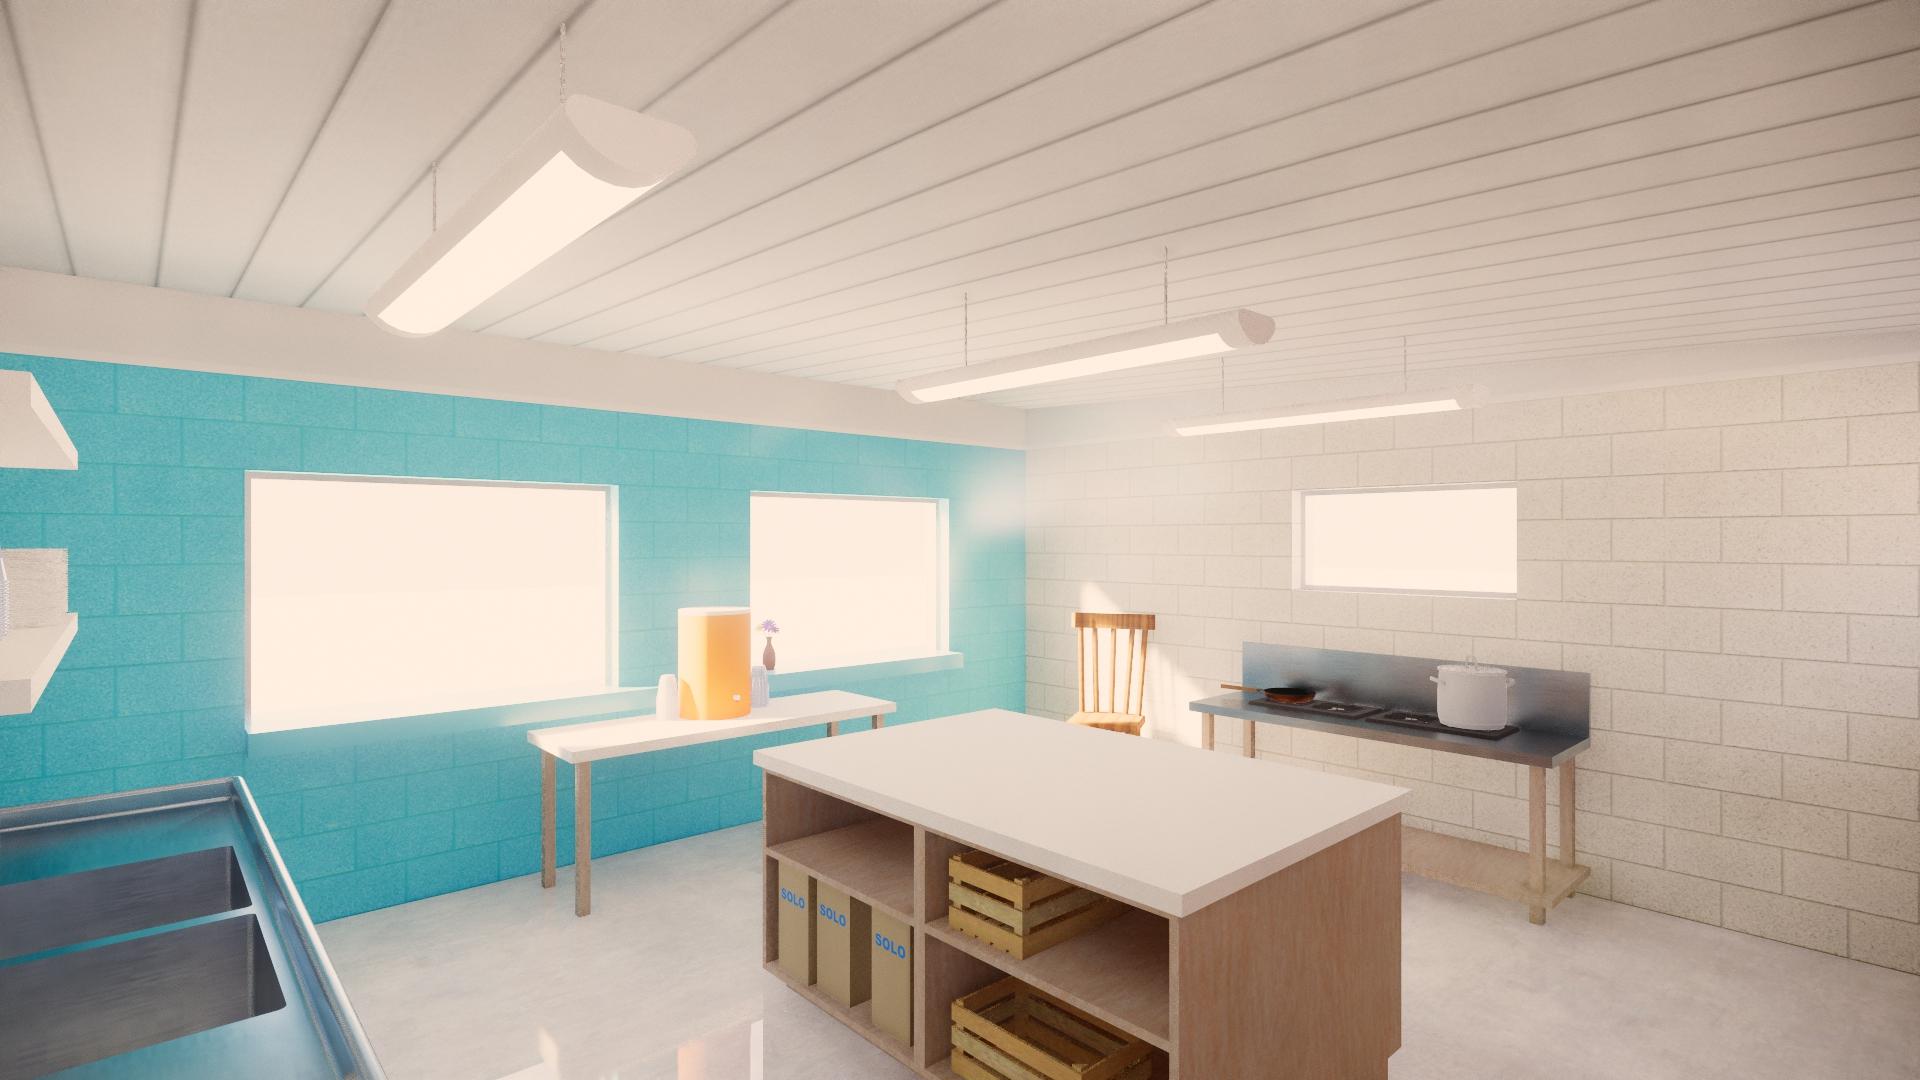 interior 02_v2.jpg